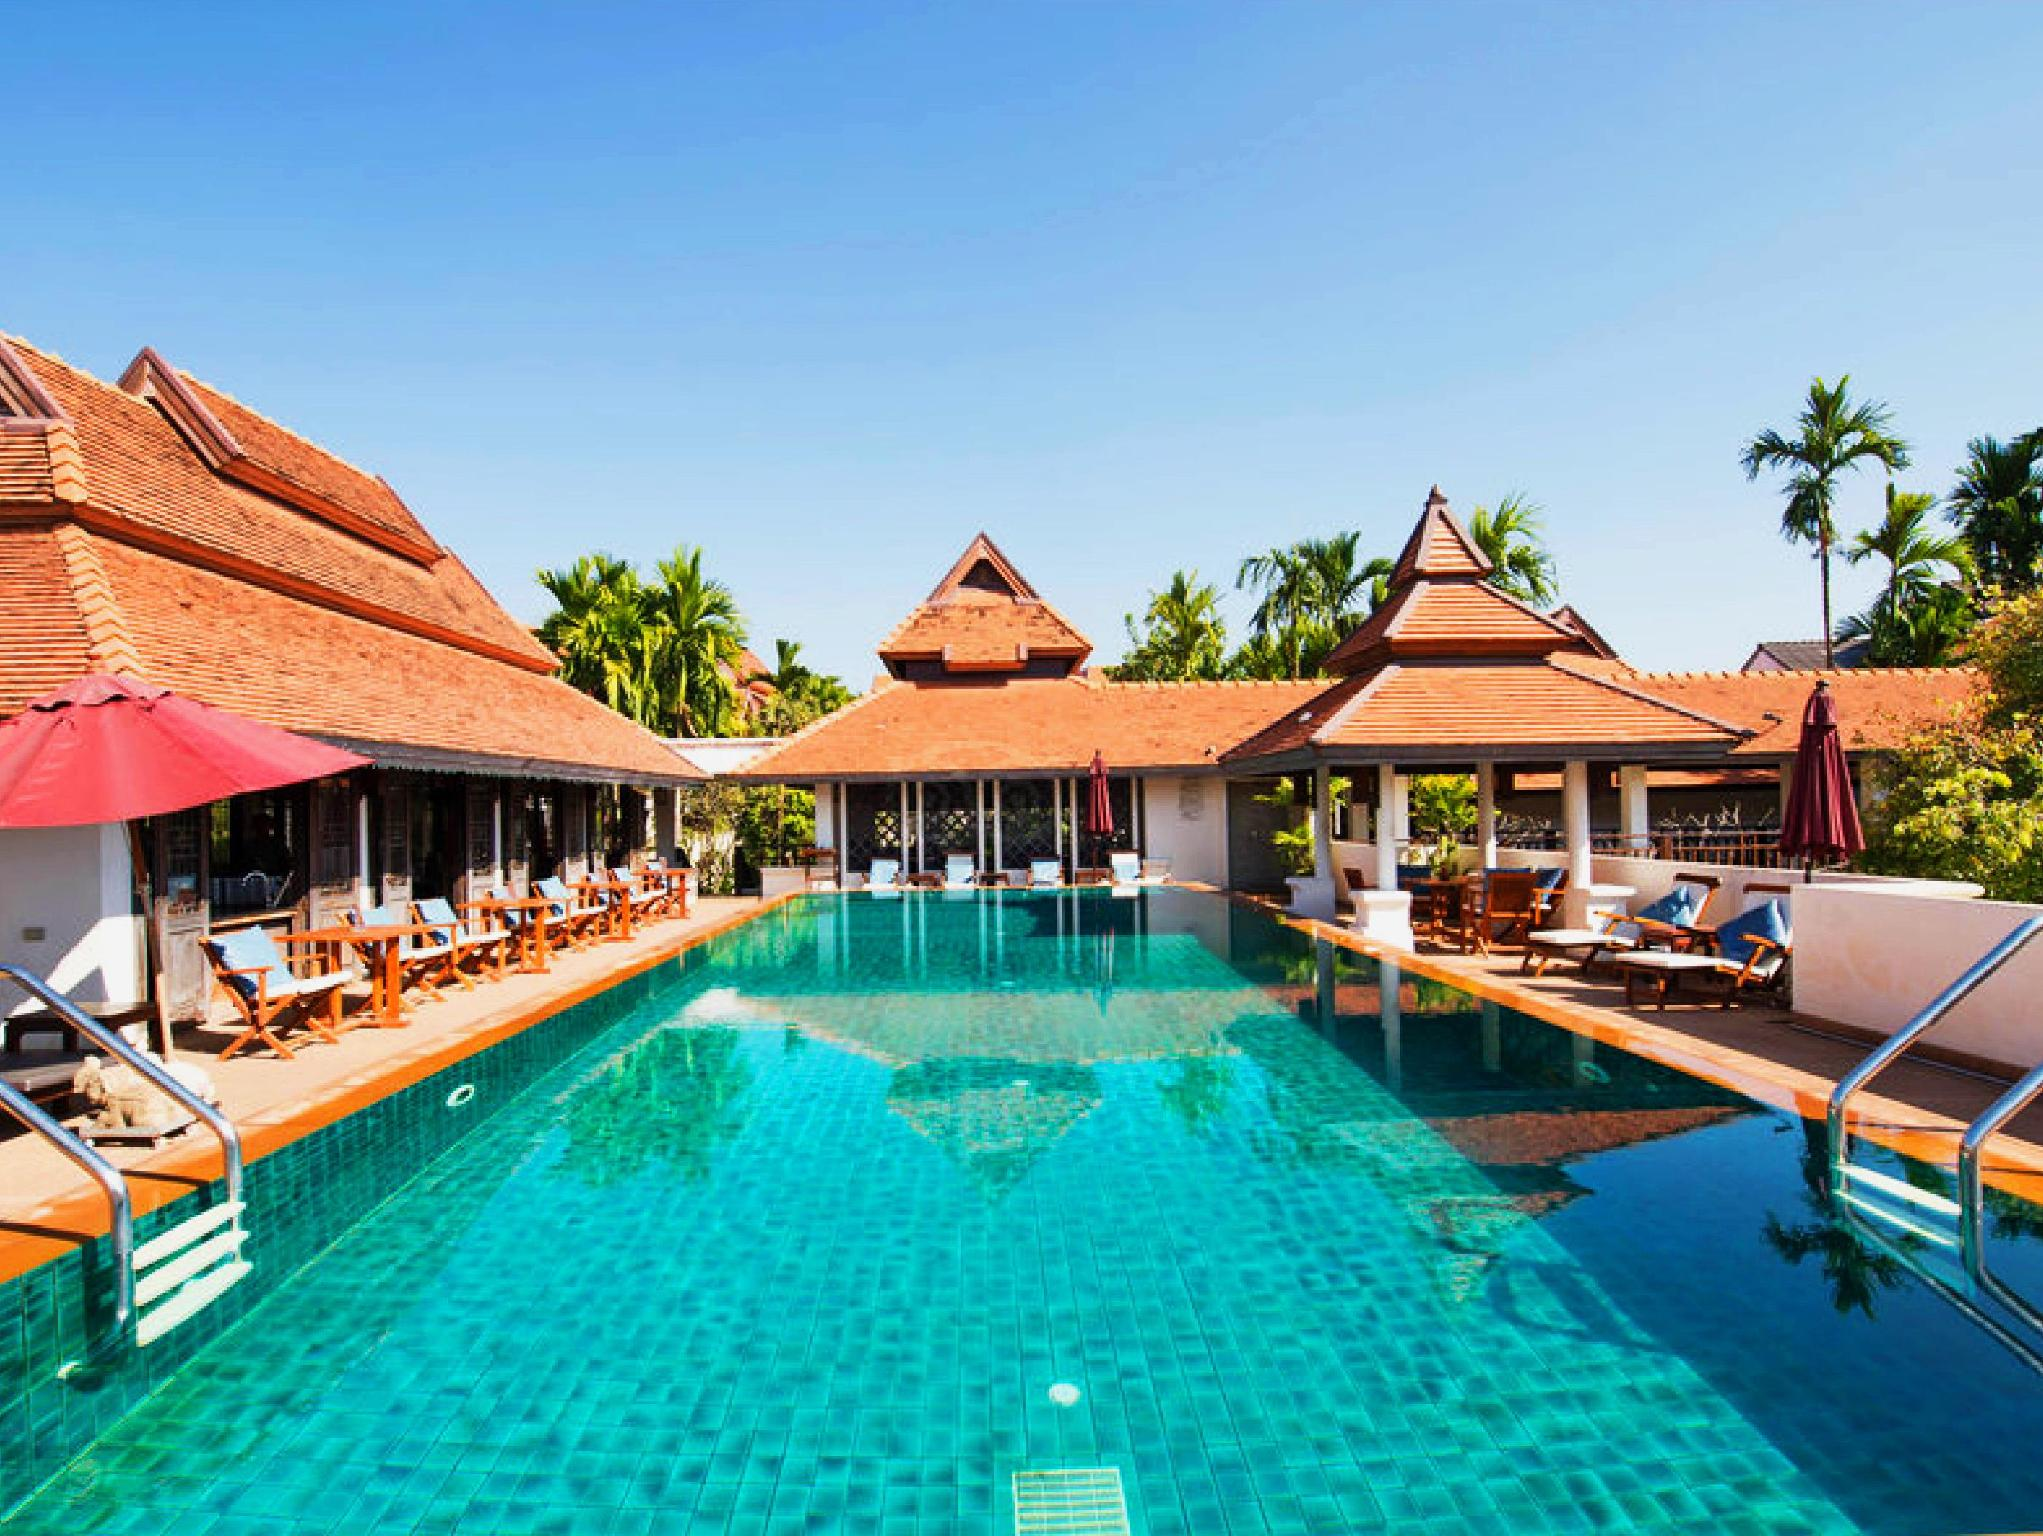 Bodhi Serene Chiang Mai Hotel - Chiang Mai